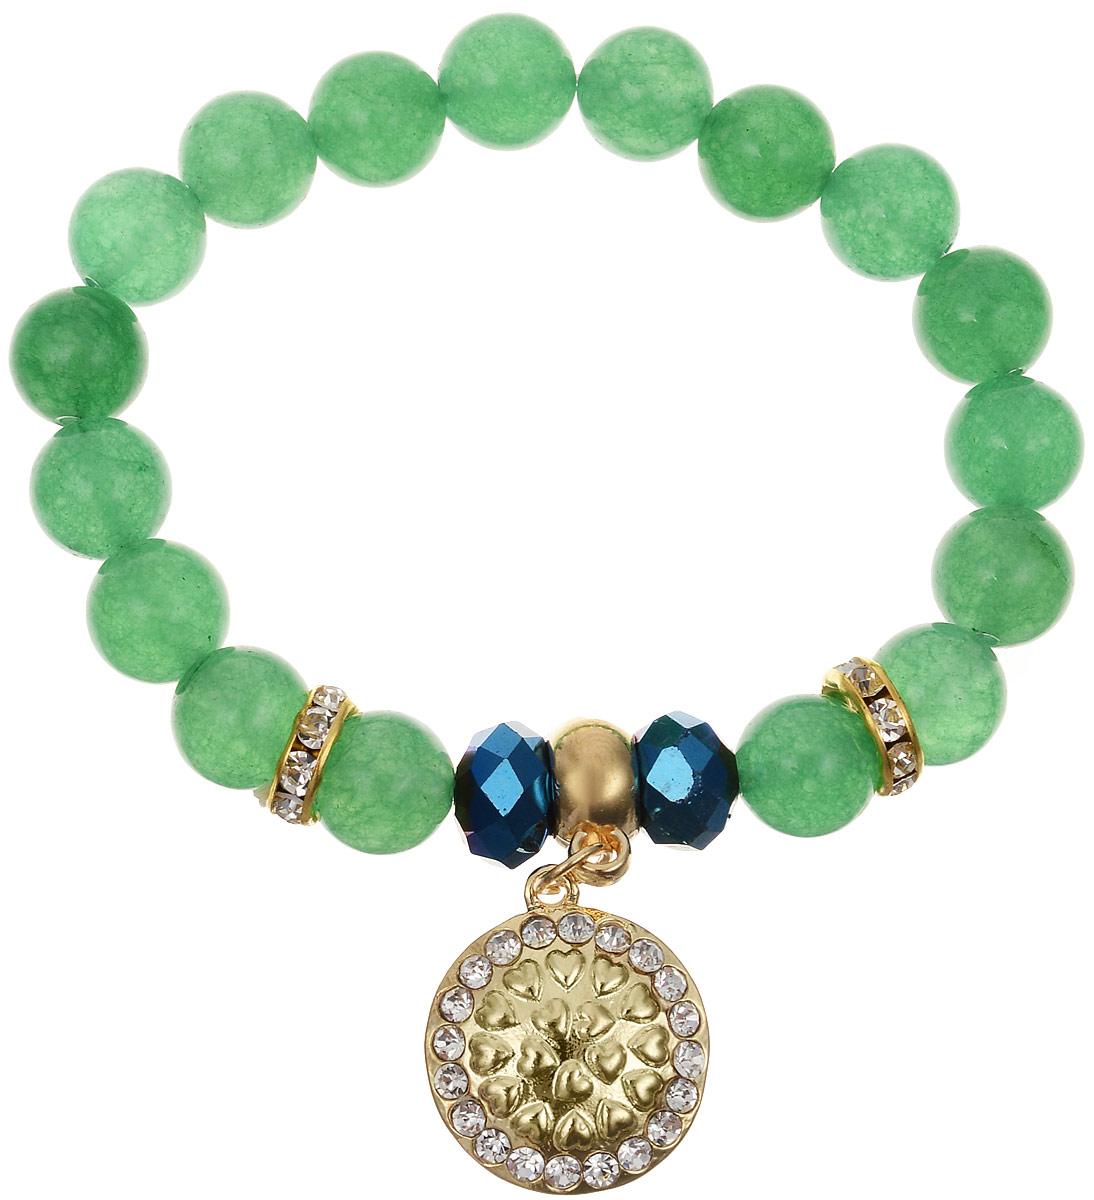 Браслет Bradex Зеленый кварц, цвет: зеленый. AS 0094AS 0094Простой и очень элегантный браслет Зеленый кварц станет изящной финальной нотой, которая дополнит ваш юный и свежий образ. Ряд ровных бусин травяного цвета идеально круглой формы делают стиль украшения сдержанным и элегантным. Аккуратные вставки с золотым покрытием и красочный радужный декор в центре привлекают внимание и дарят праздничное настроение. Сияющая золотым блеском подвеска с кристаллами придает образу чистоту и женственность.